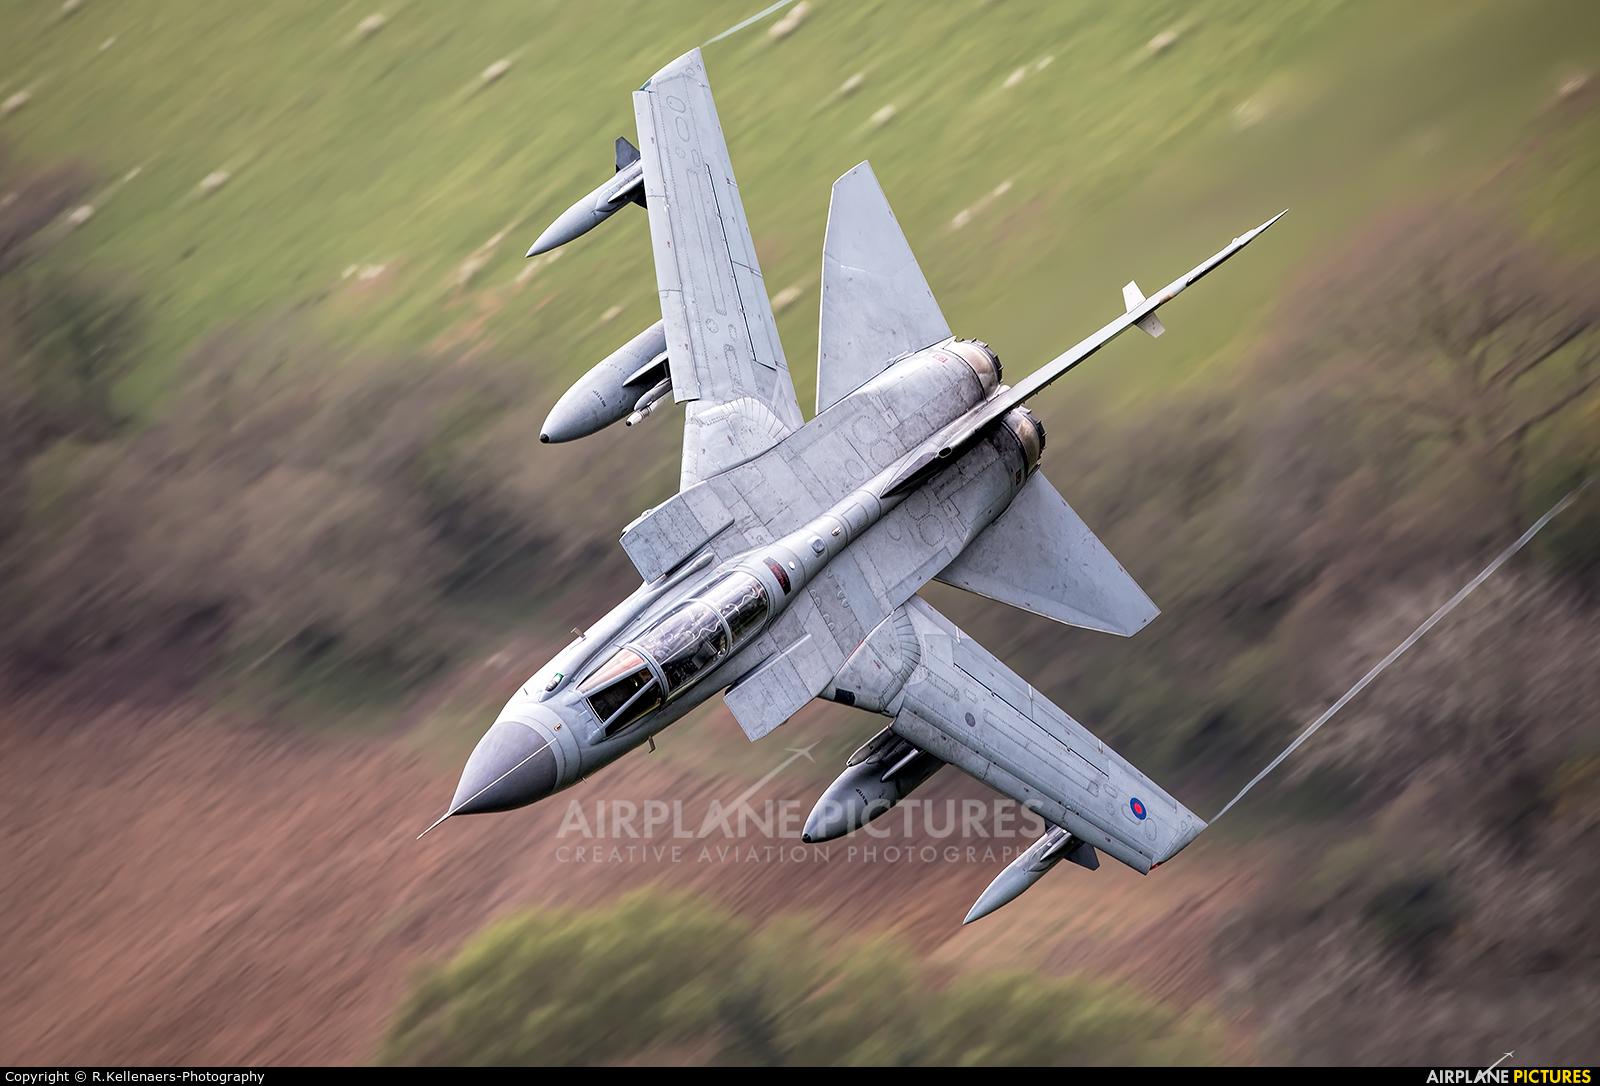 Royal Air Force ZA369 aircraft at Machynlleth Loop - LFA 7